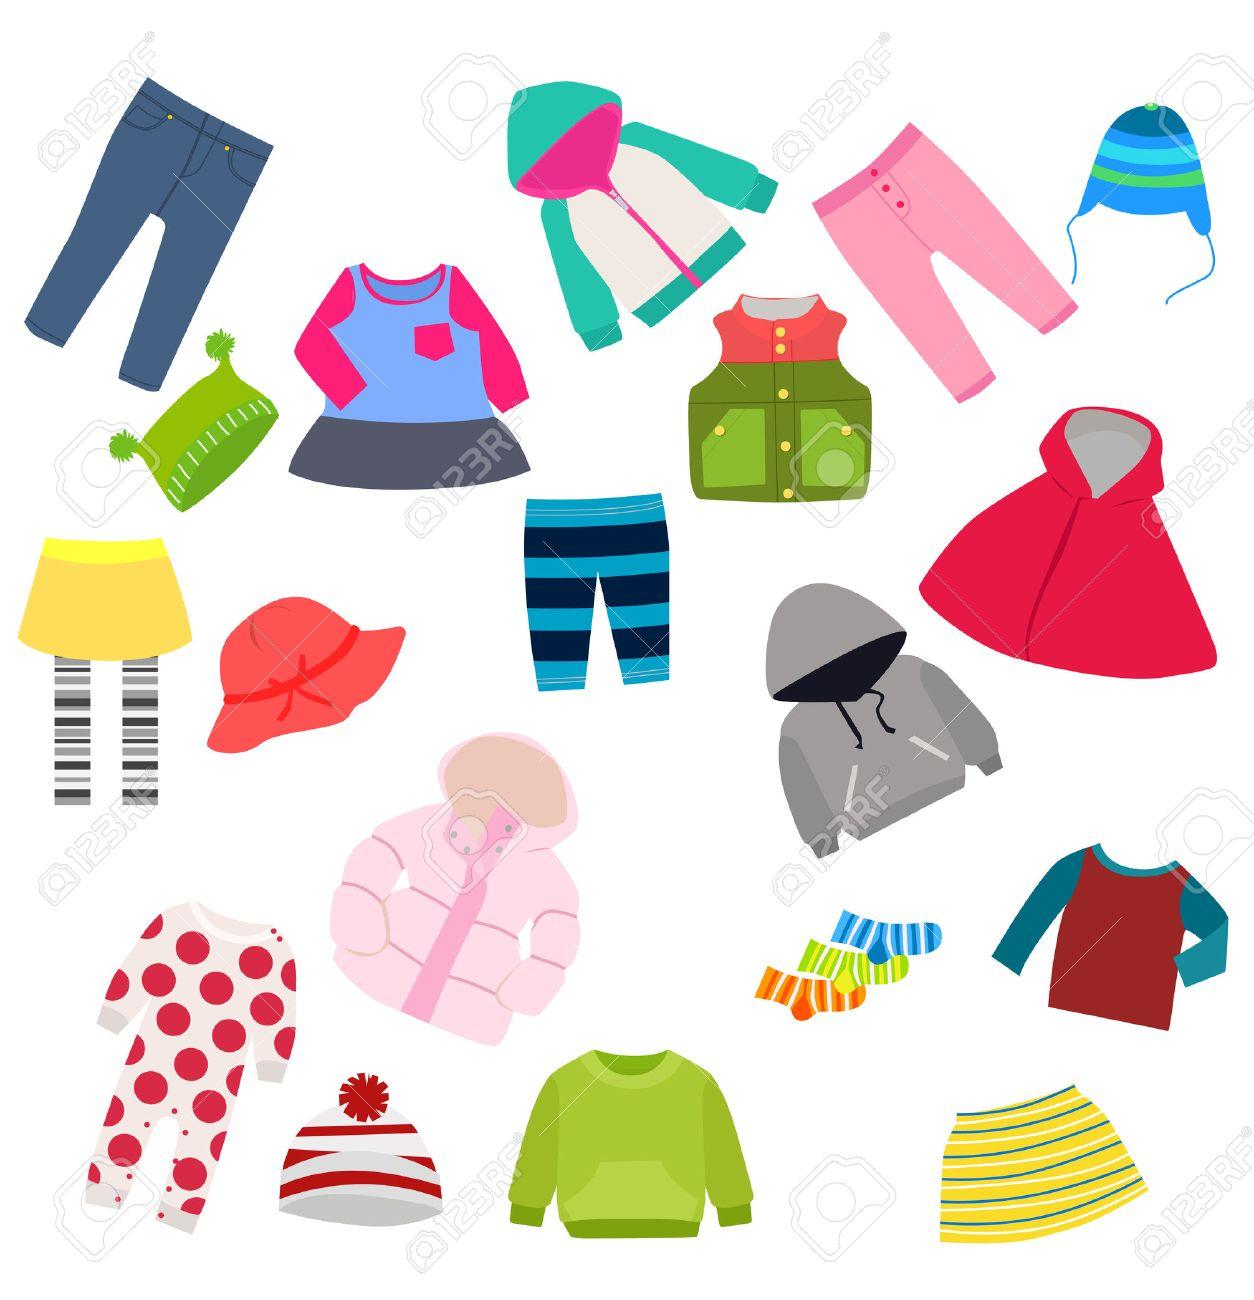 Kinderkleidung clipart  Set Von Kinderkleidung Lizenzfrei Nutzbare Vektorgrafiken, Clip ...